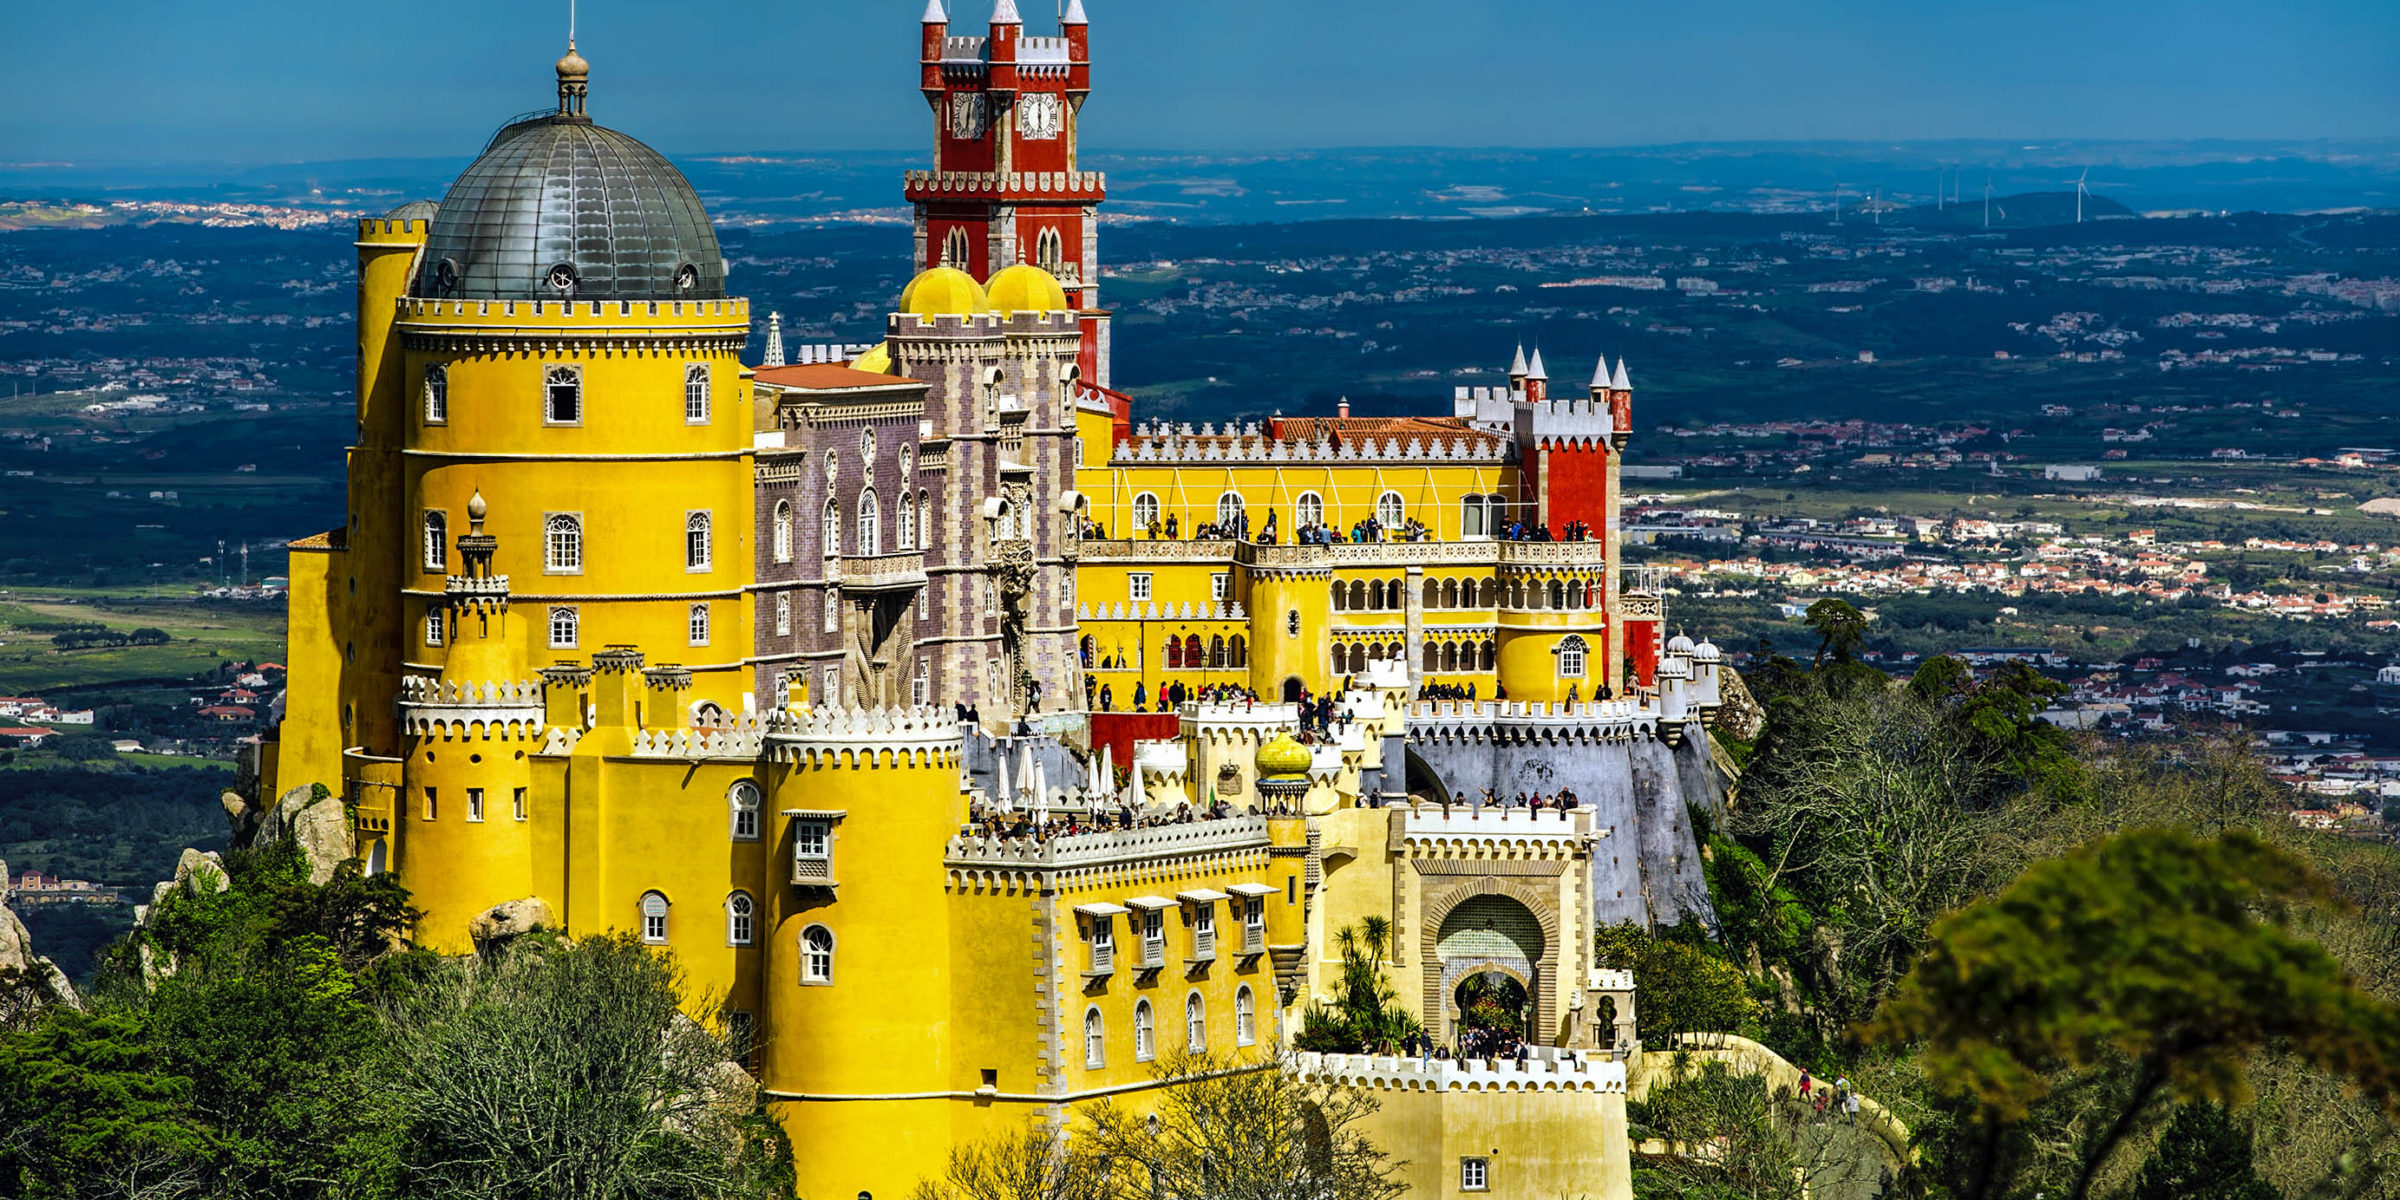 Lisboa, els castells de Sintra i la costa d'Estoril